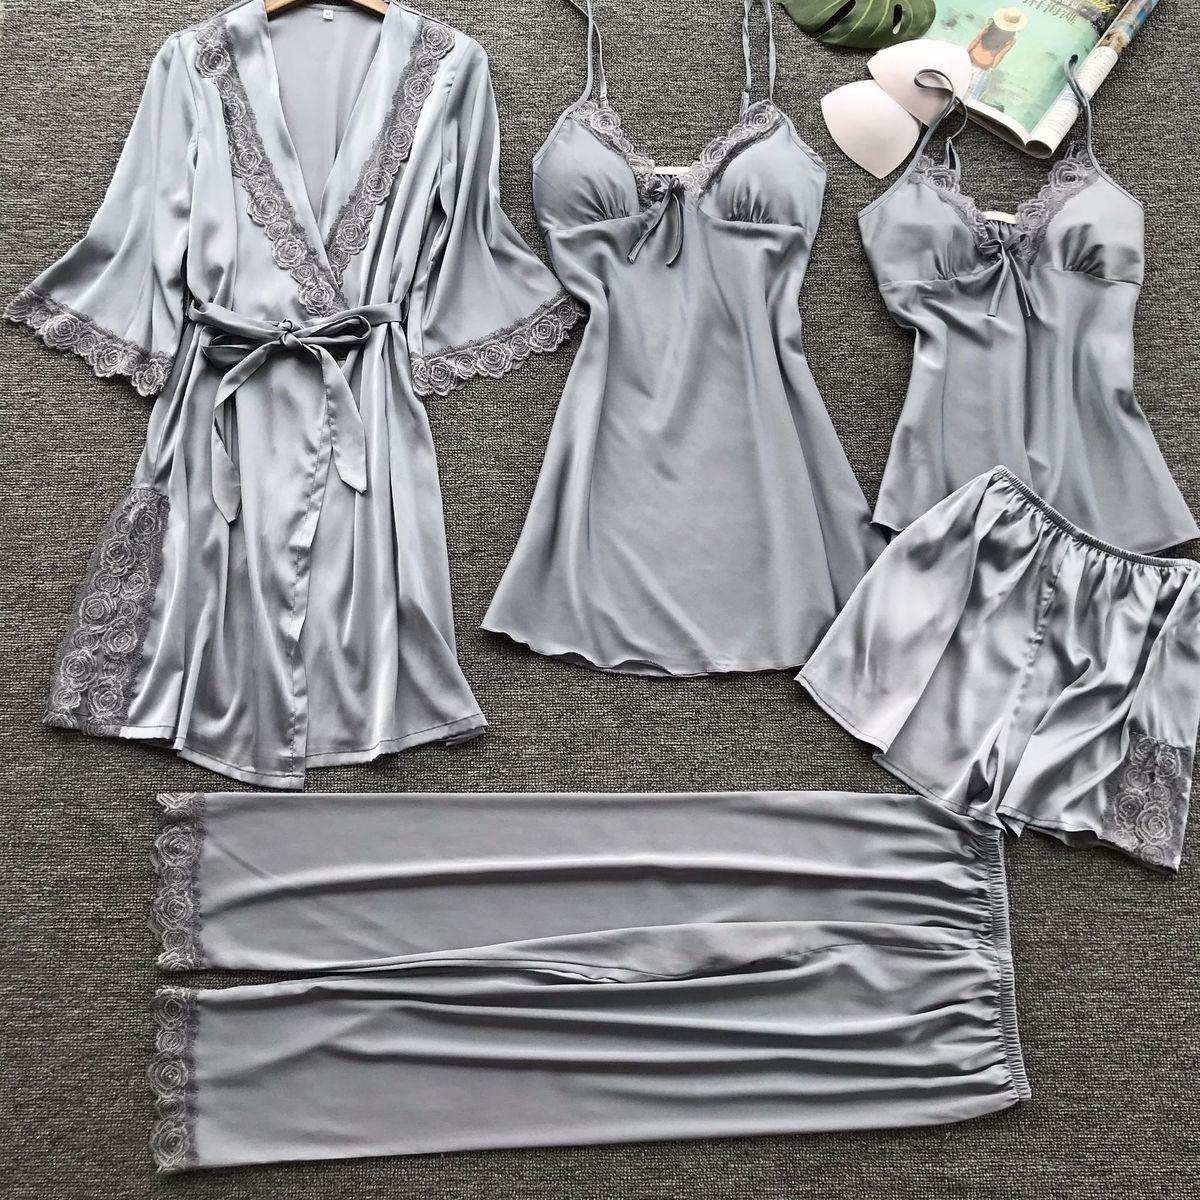 5e62791e16 2018 Women Satin Sleepwear Pyjamas Sexy Lace Pajamas Sleep Lounge Pijama  Silk Night Home Clothing Pajama Suit Y18102205 Adult Onesies Pajamas Bridal  Pyjamas ...